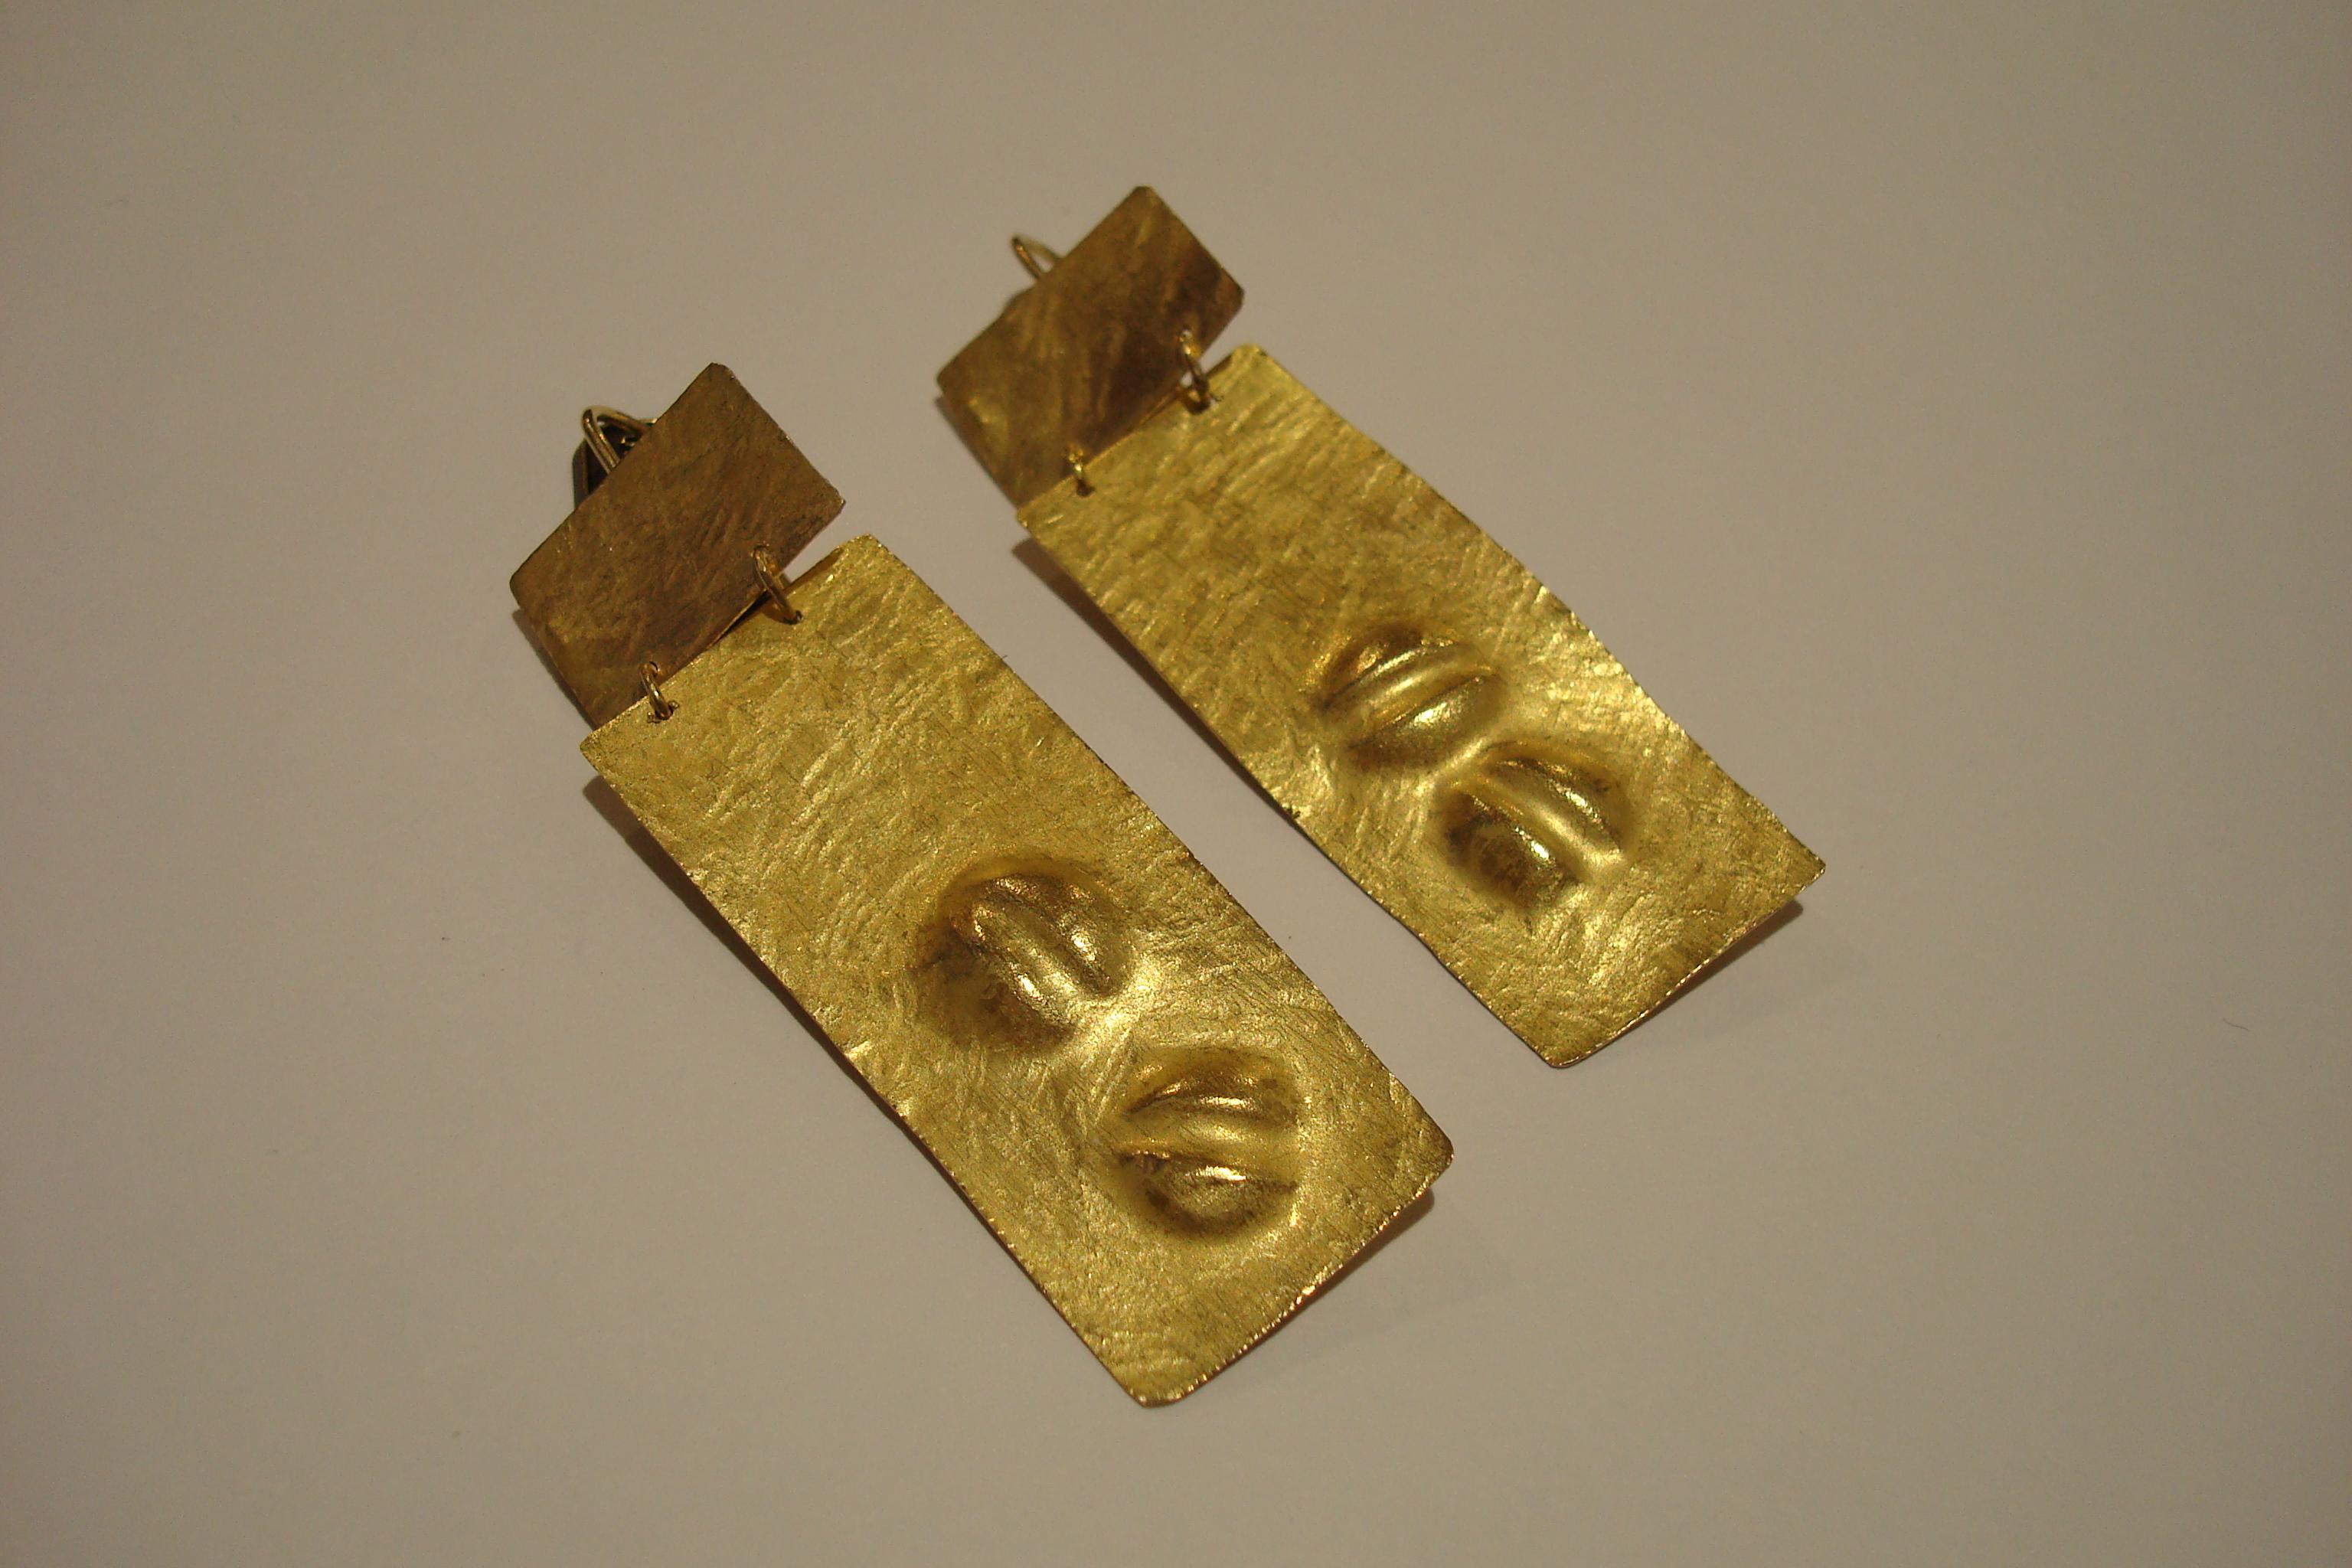 Orecchini in oro con Seme Buono in terra Buona Battuti a mano.